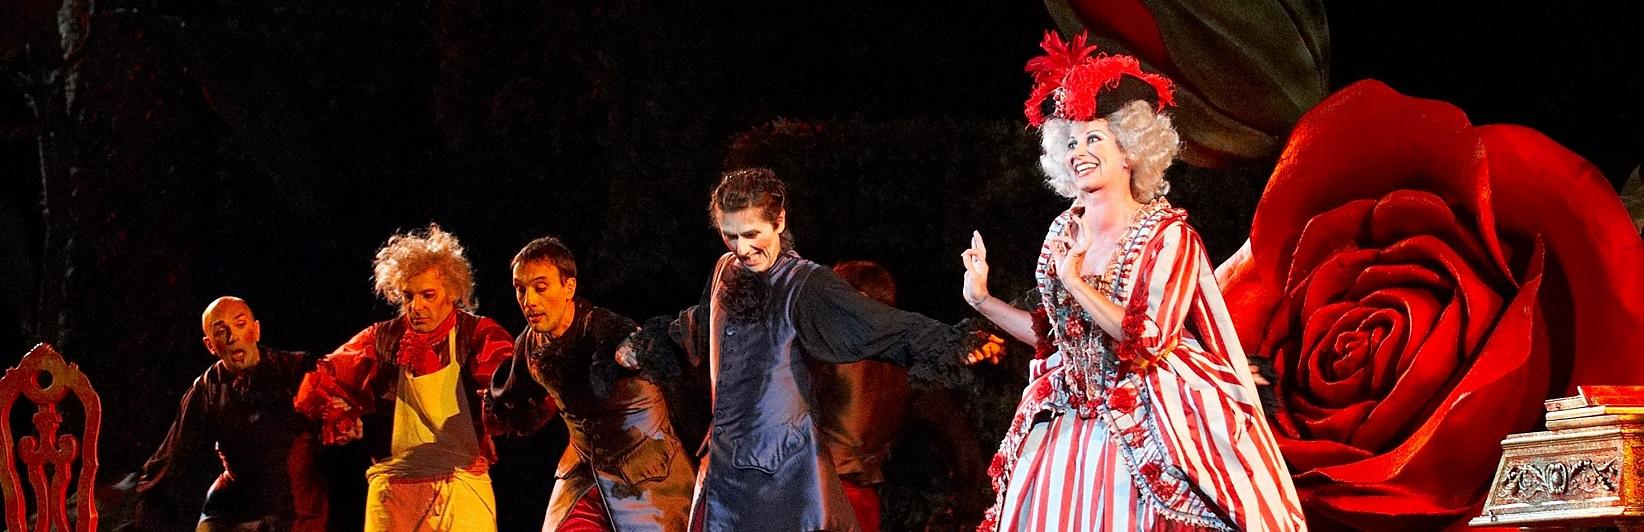 Opera Festival Verona-Il Barbiere di Siviglia